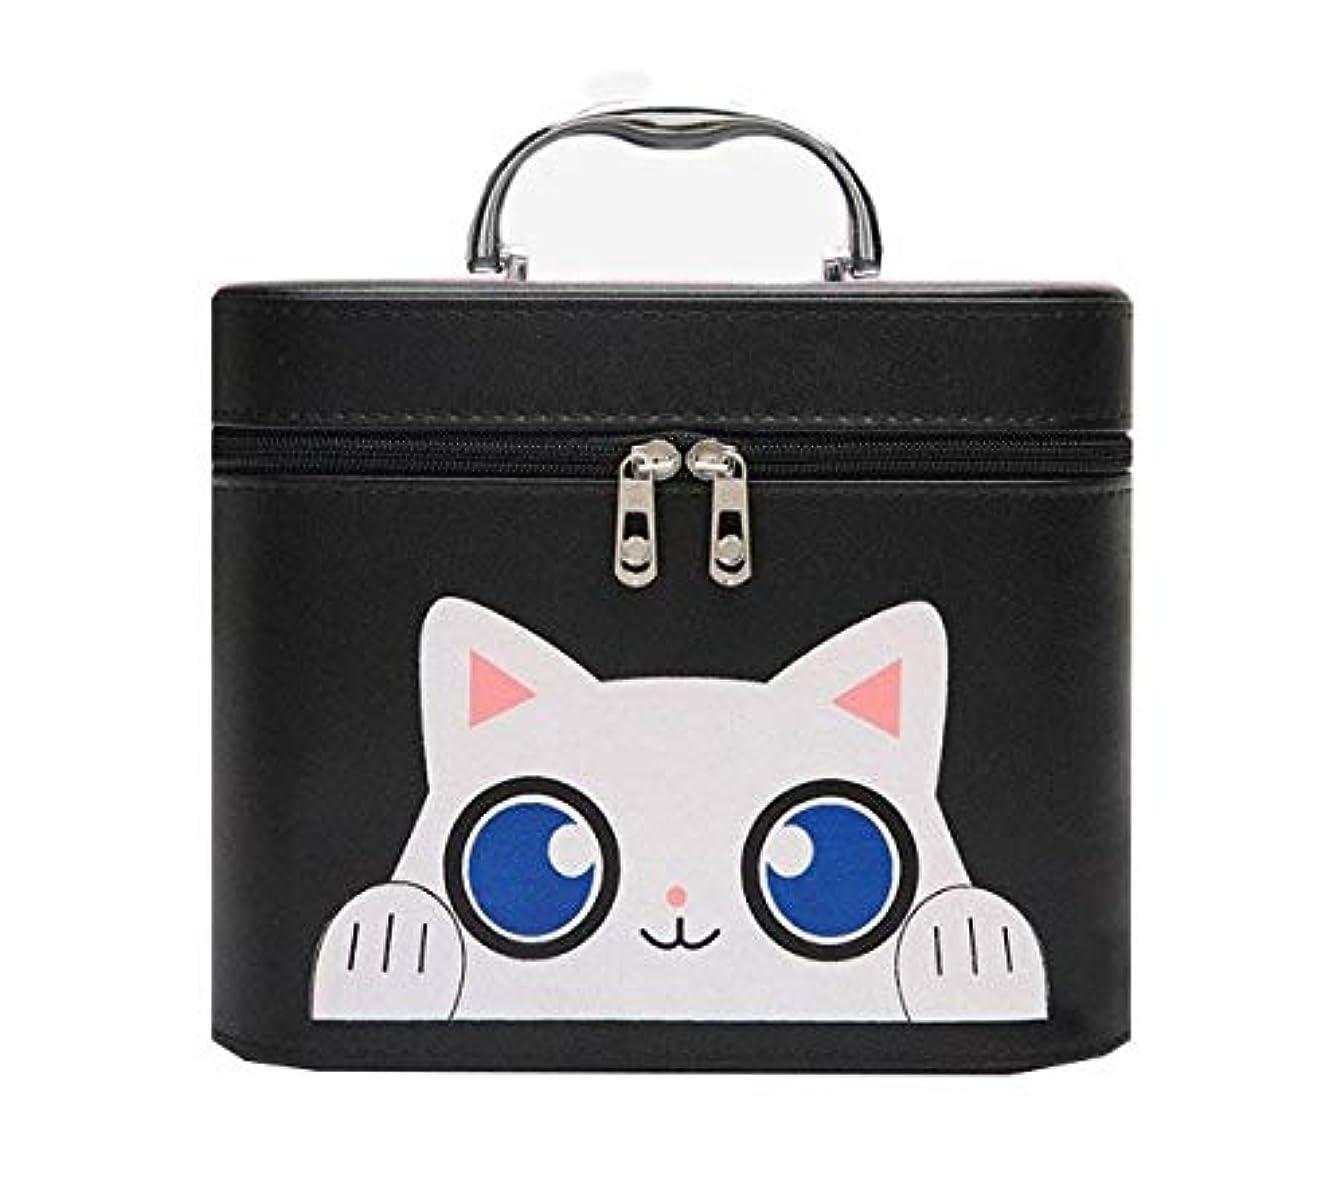 軽クリップ器用化粧箱、黒漫画猫化粧品ケース、ポータブル旅行化粧品ケース、美容ネイルジュエリー収納ボックス (Size : L)